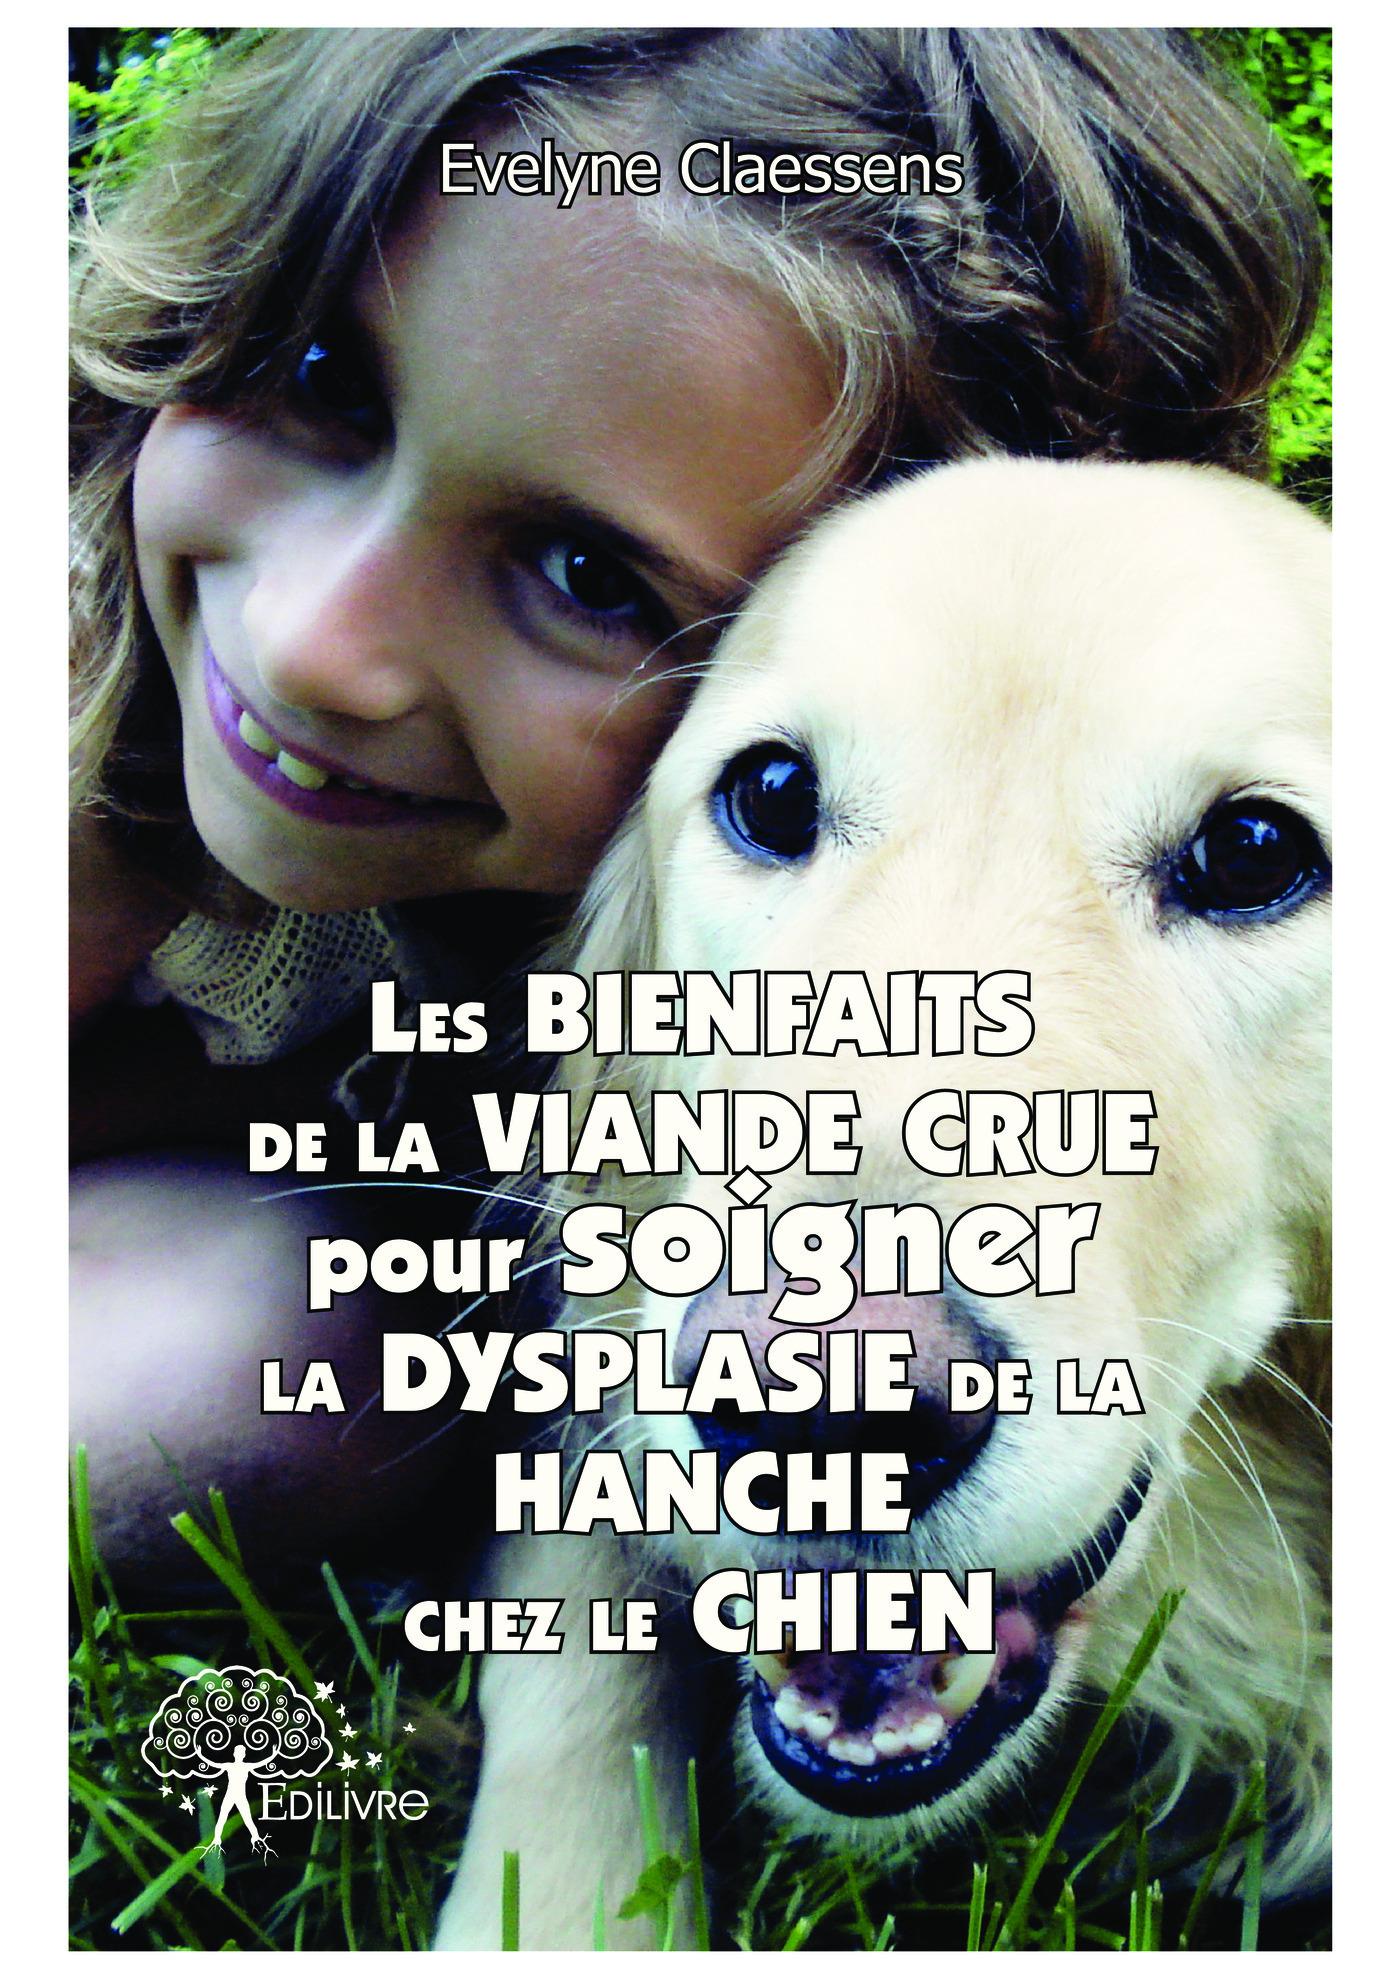 Evelyne Claessens Les bienfaits de la viande crue pour soigner la dysplasie de la hanche chez le chien